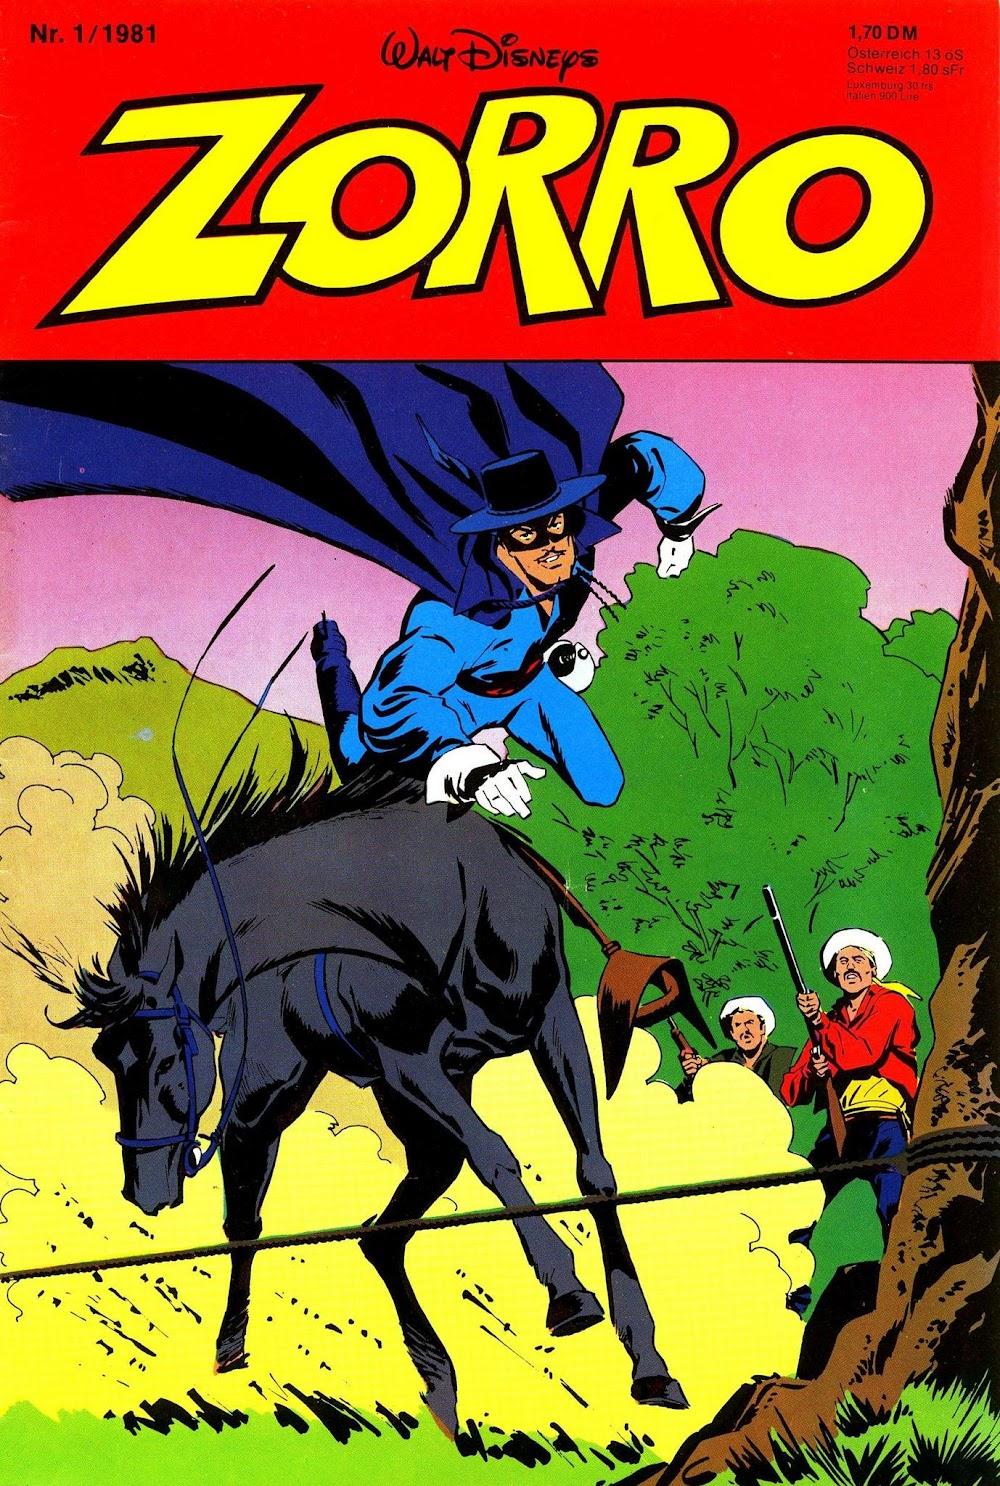 Zorro (1981)